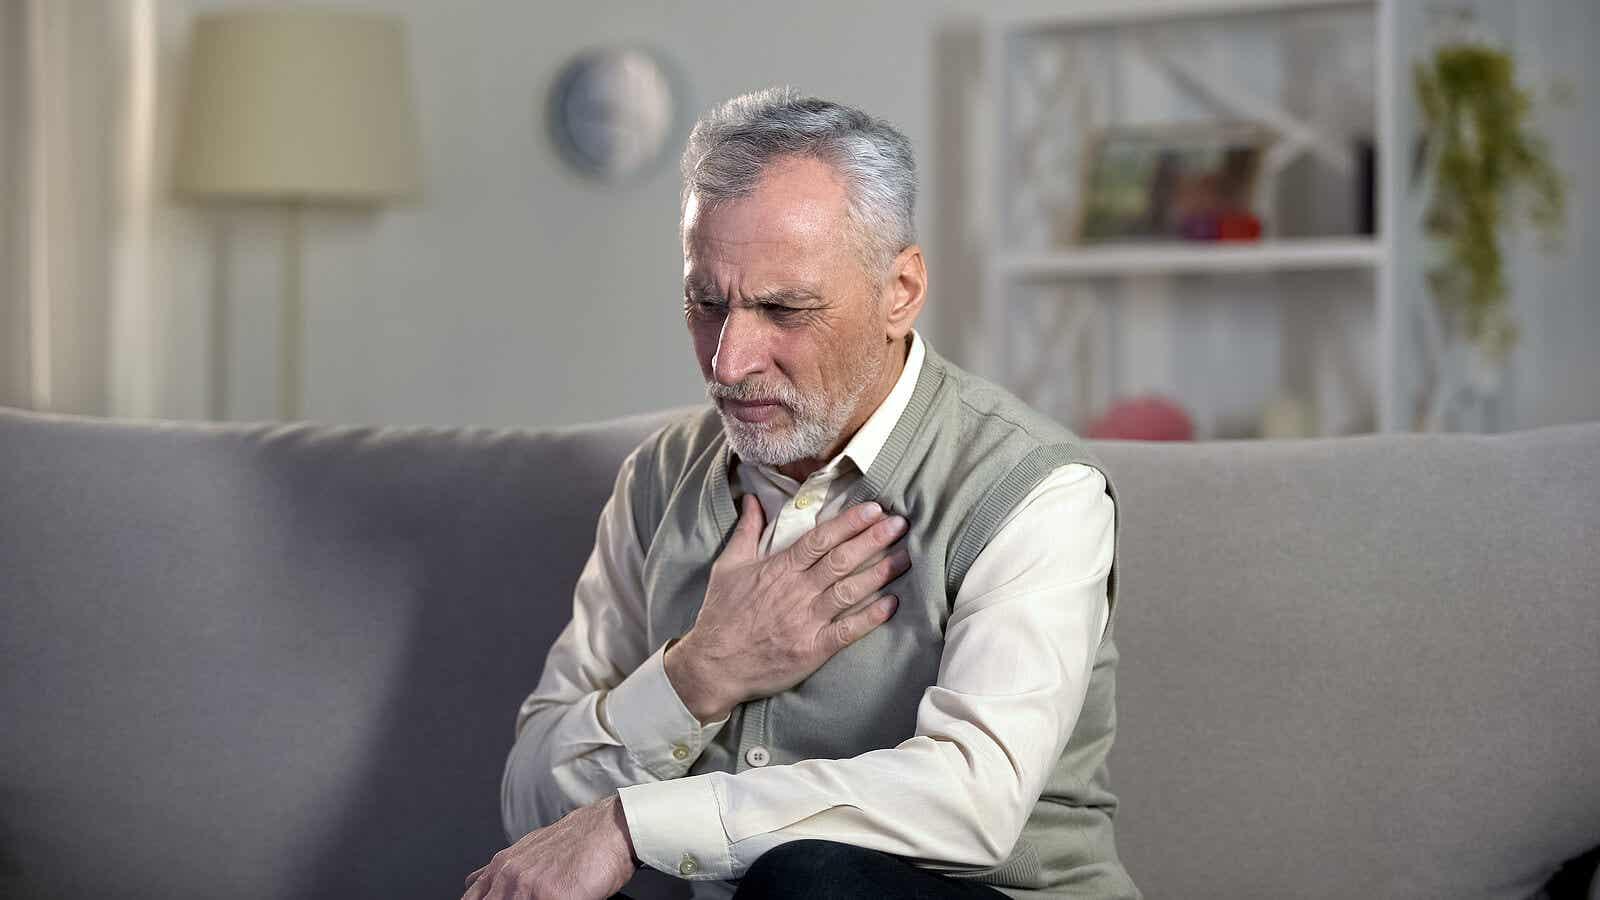 Las causas del cáncer de pulmón incluyen la edad avanzada